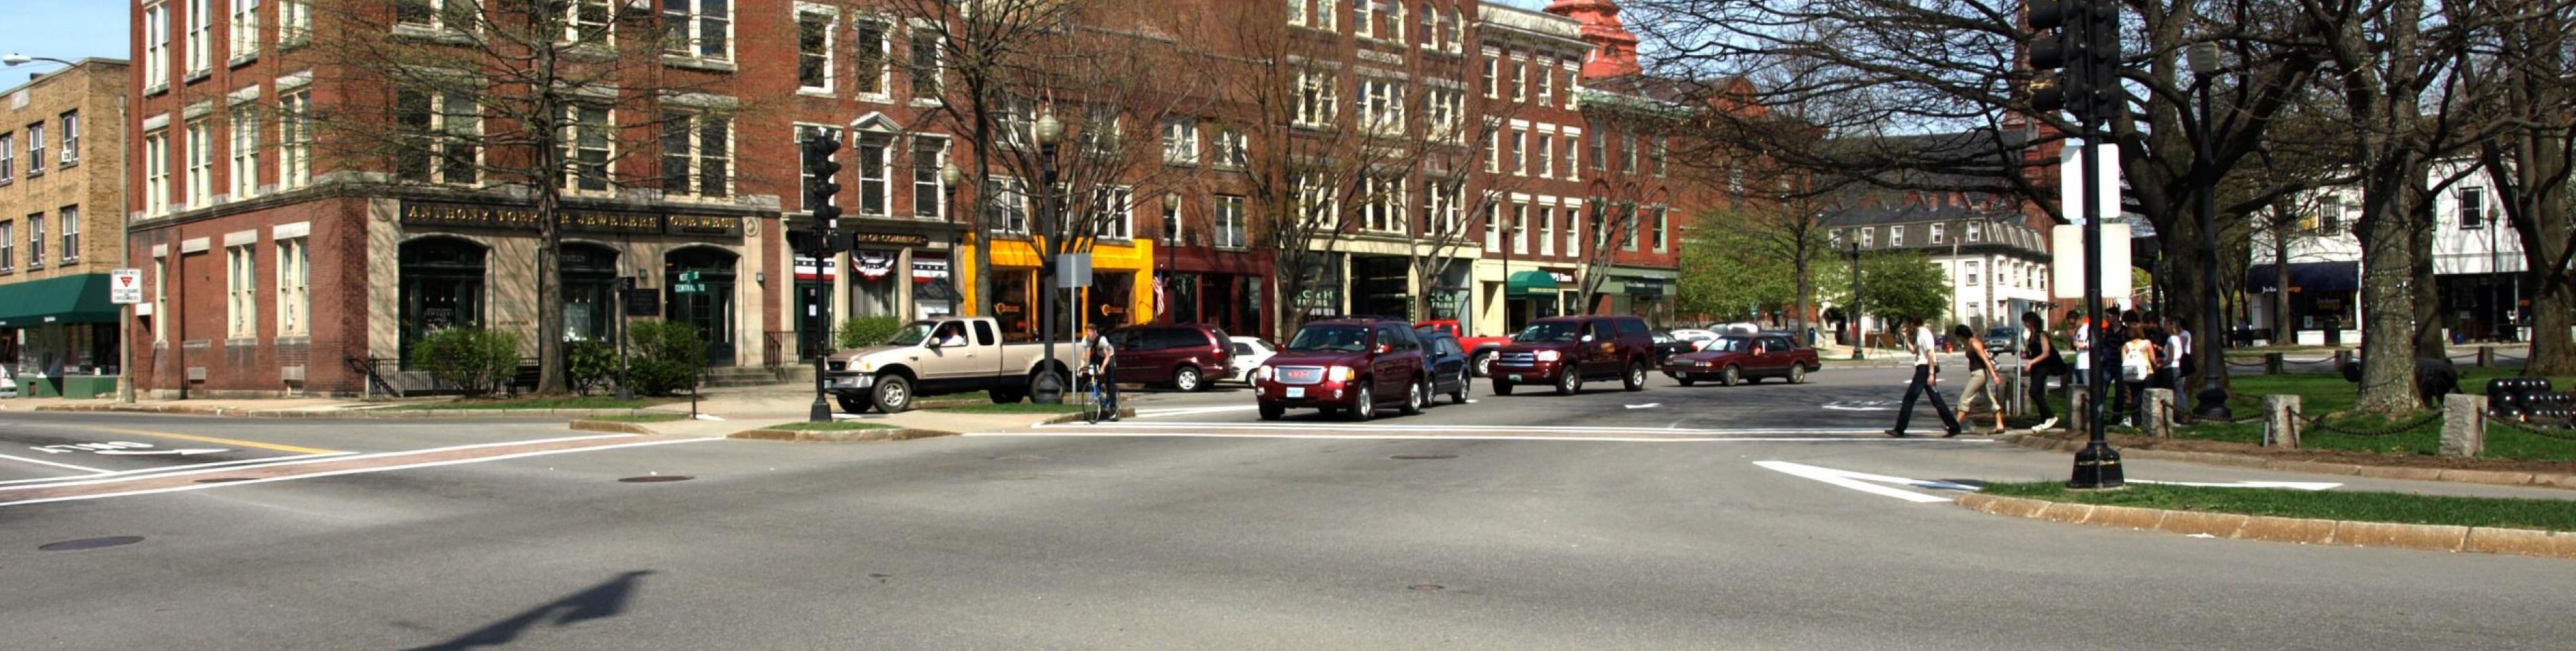 City of Keene Main St.